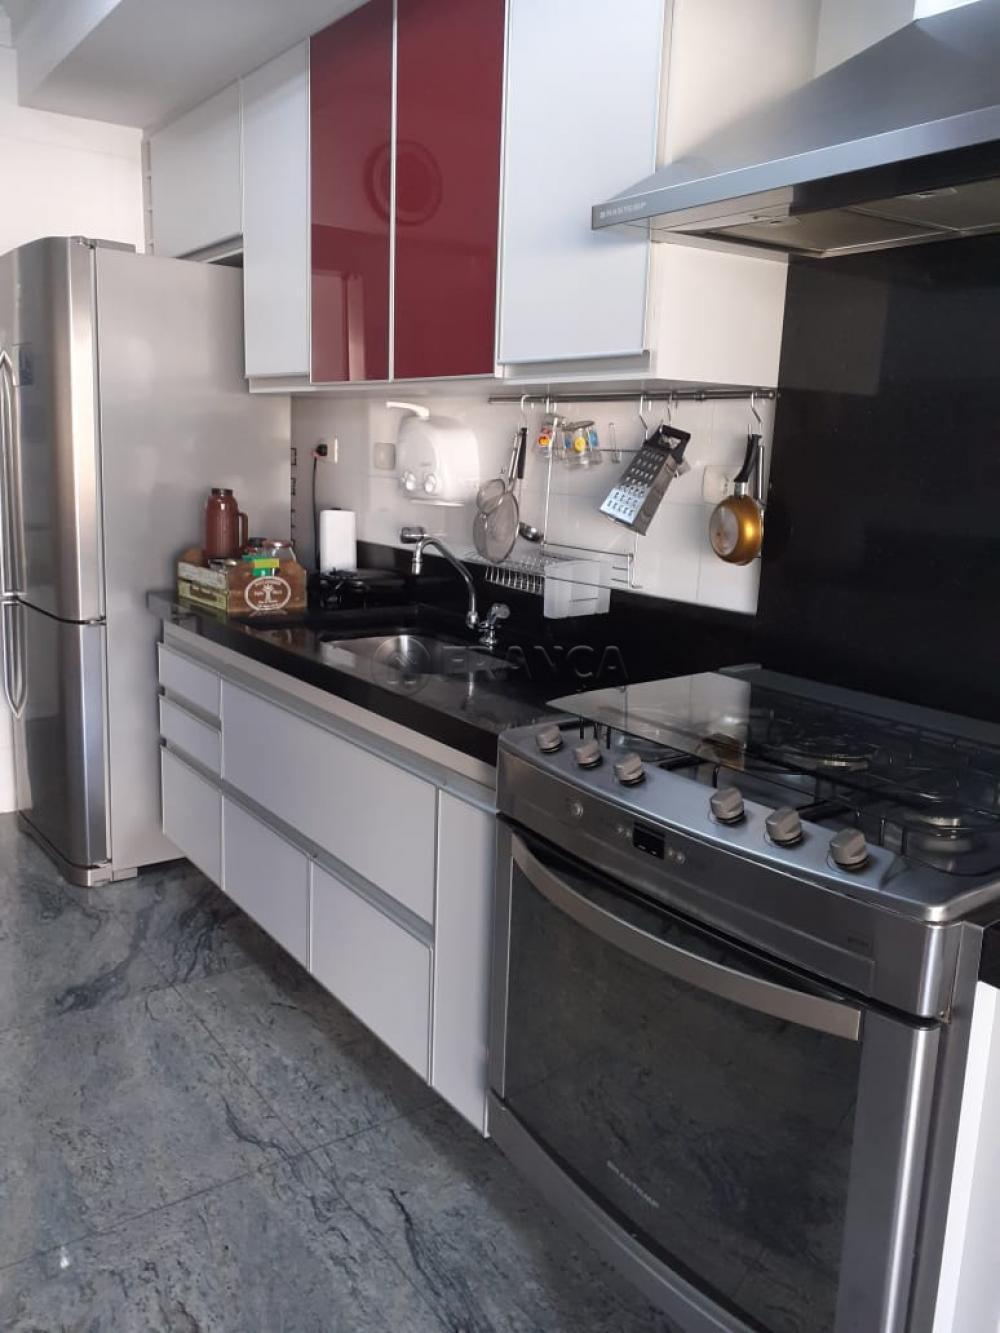 Comprar Casa / Condomínio em Jacareí apenas R$ 750.000,00 - Foto 8